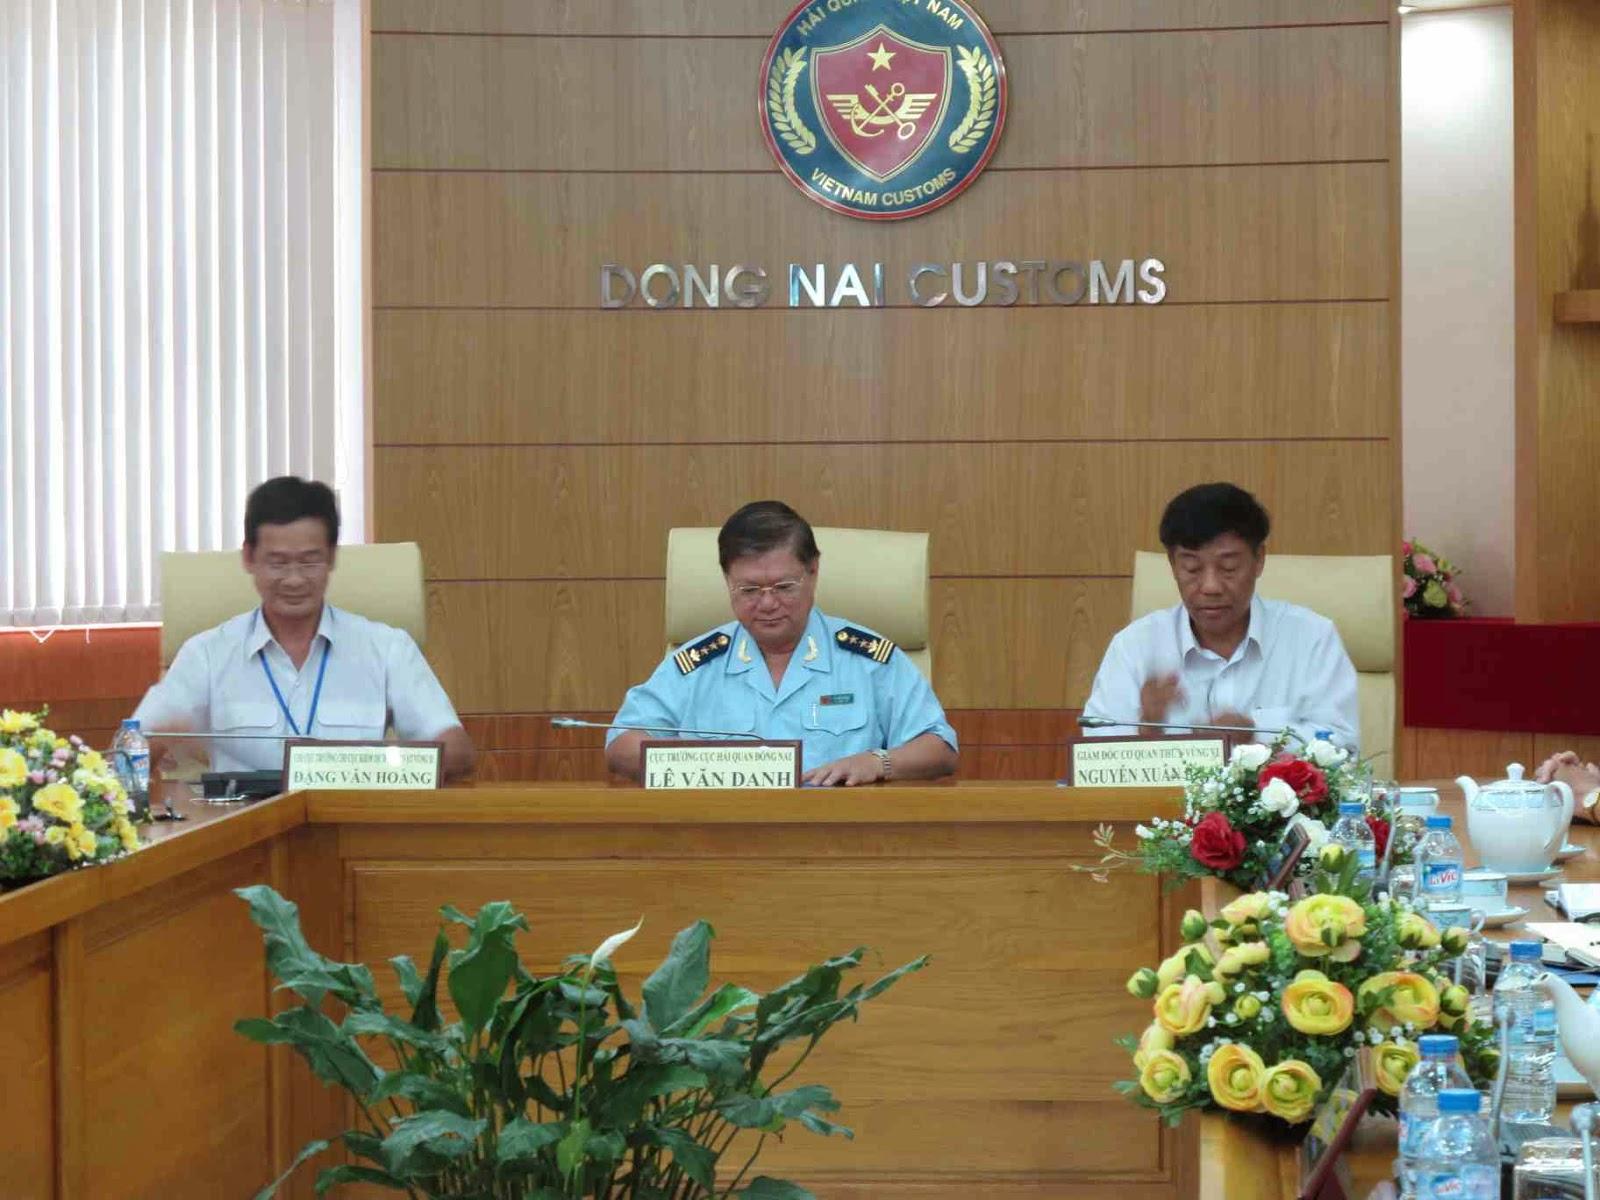 Phối hợp quản lý hàng NK phải kiểm tra chuyên ngành